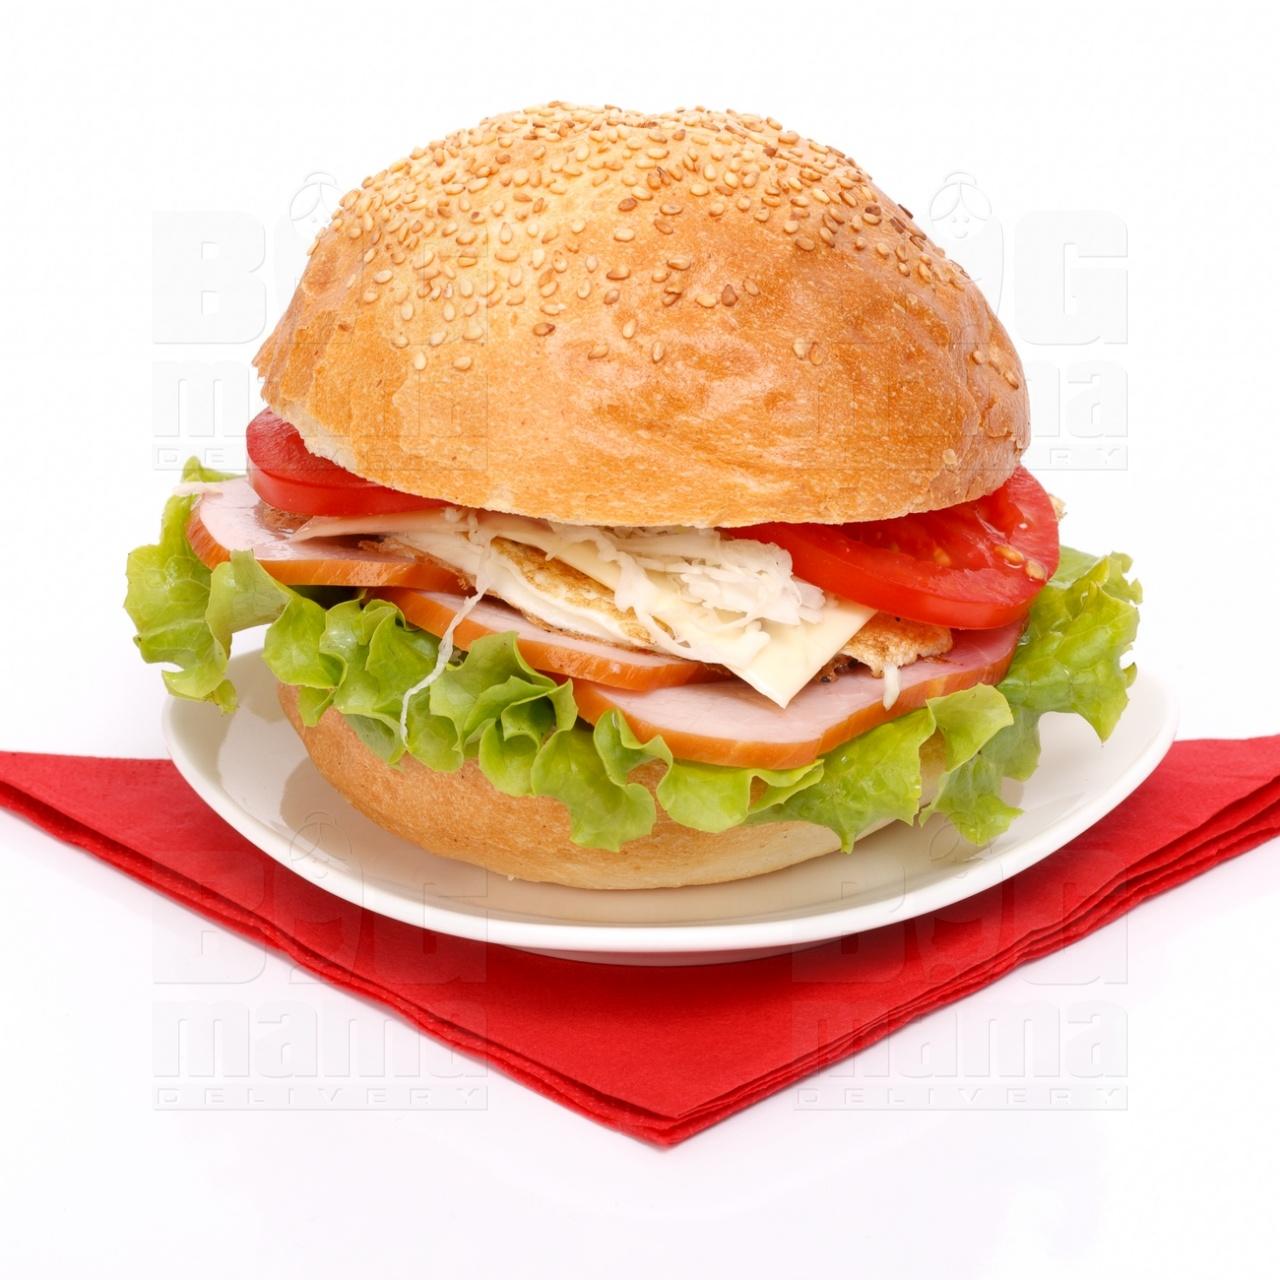 Product #52 image - Sandviş mare cu jambon afumat, caşcaval şi ouă